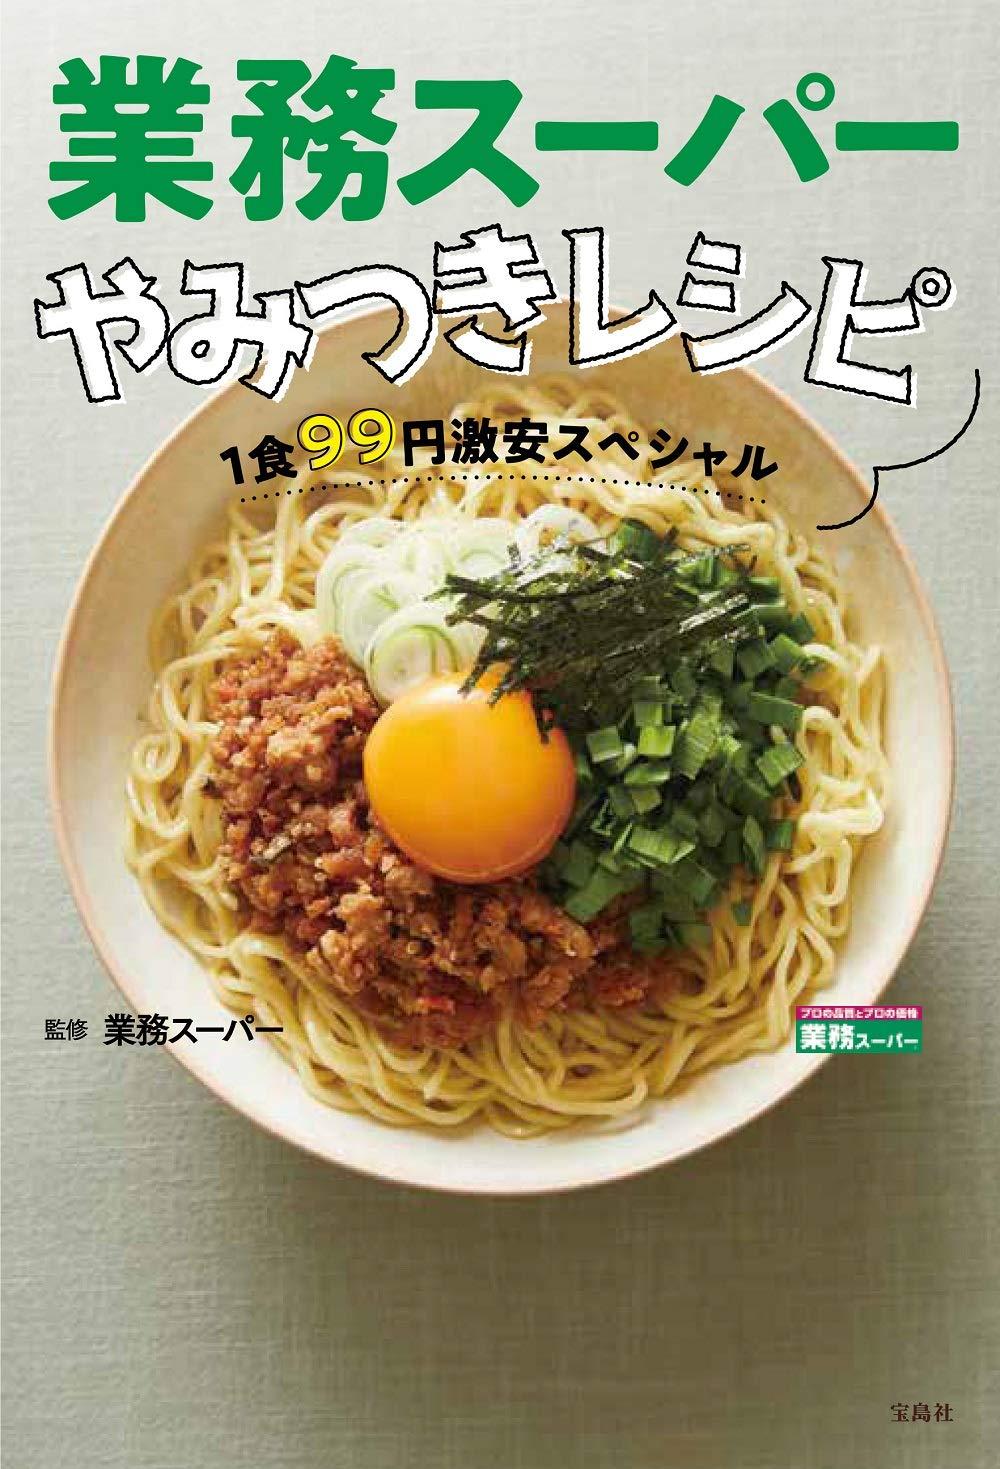 業務 田 スー 子 レシピ